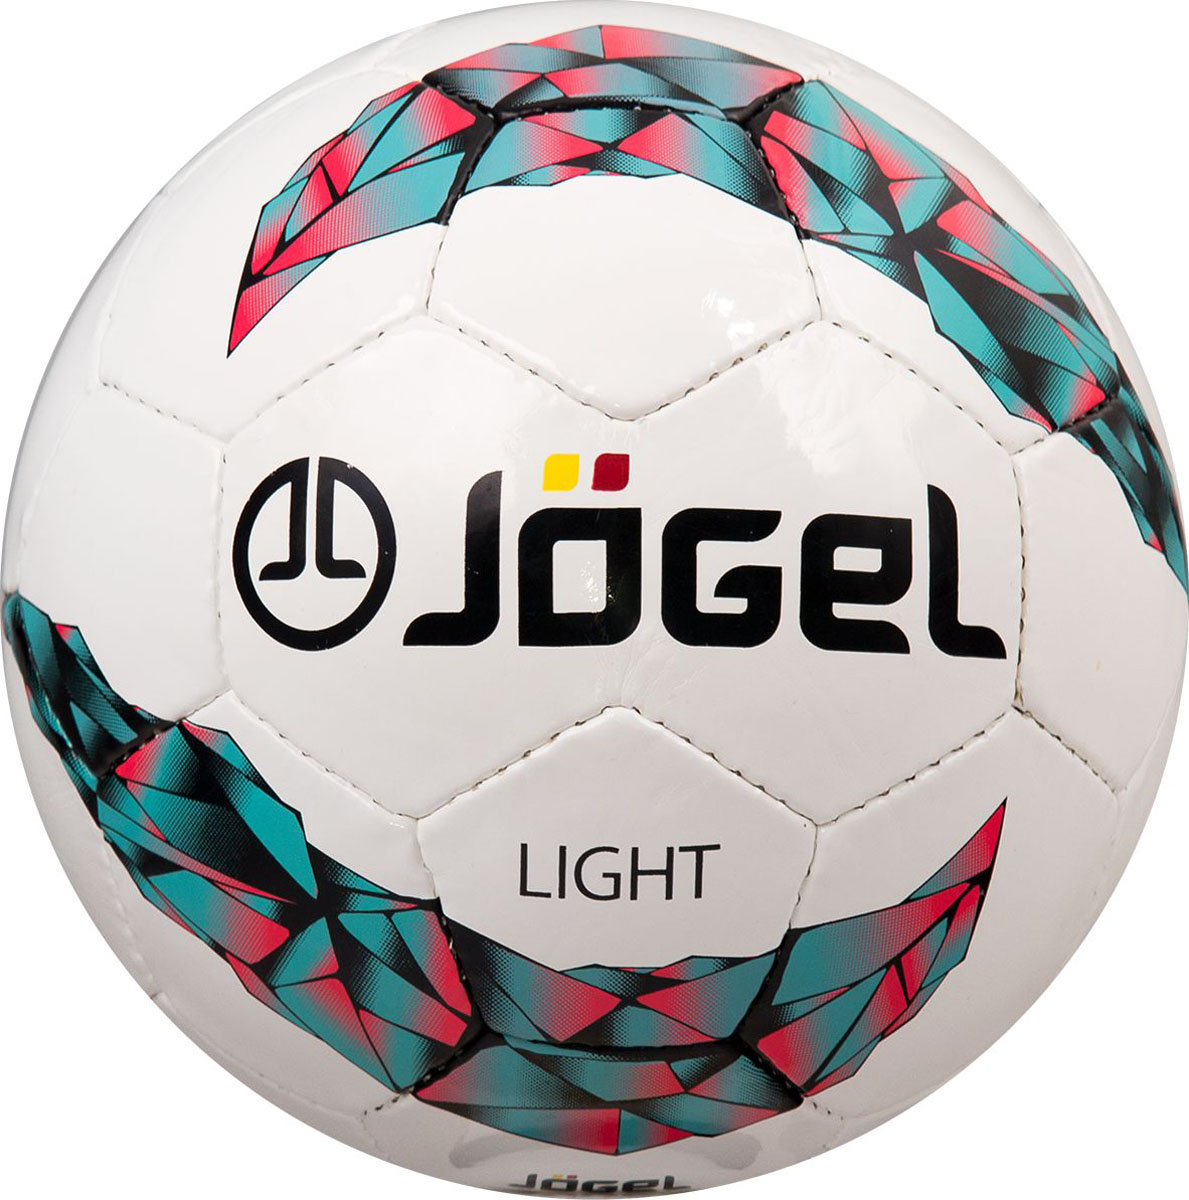 Мяч футбольный Jogel Light, цвет: белый. Размер 5. JS-550 мячи спортивные jogel мяч баскетбольный jogel jb 300 6